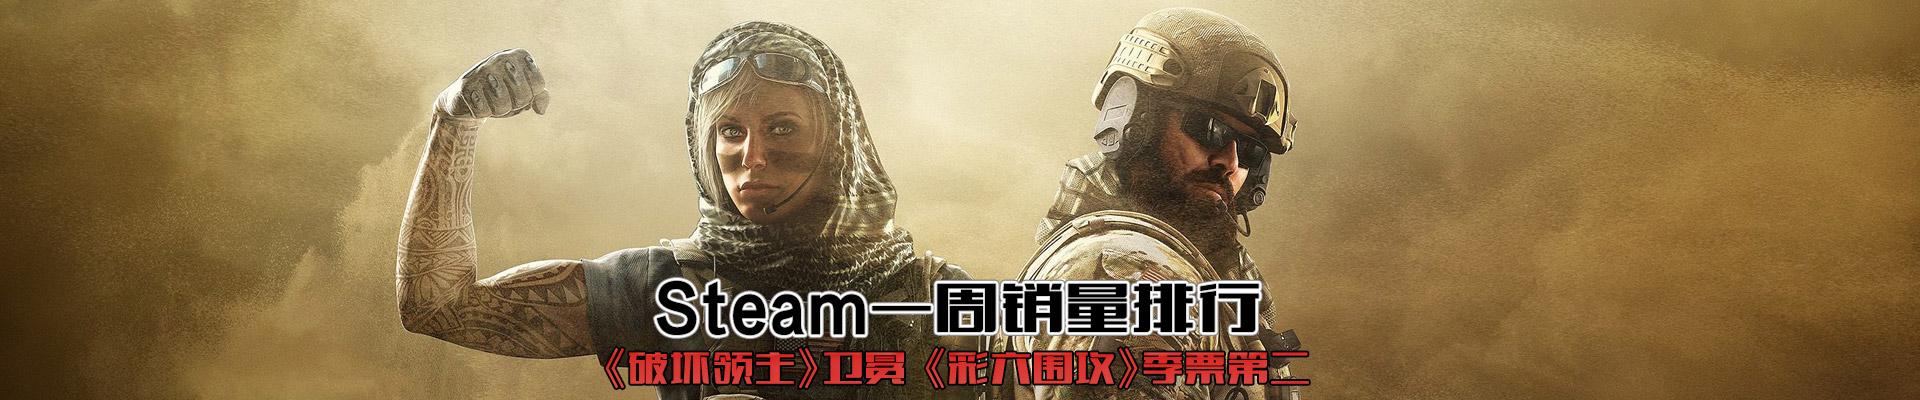 Steam周销量排行榜:《破坏领主》卫冕 《彩六围攻》季票第二